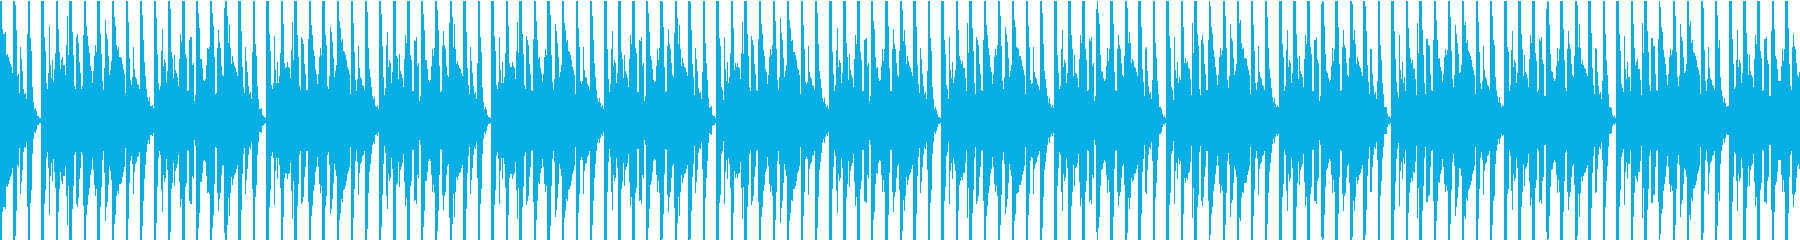 シンプルなダンスビートのループの再生済みの波形